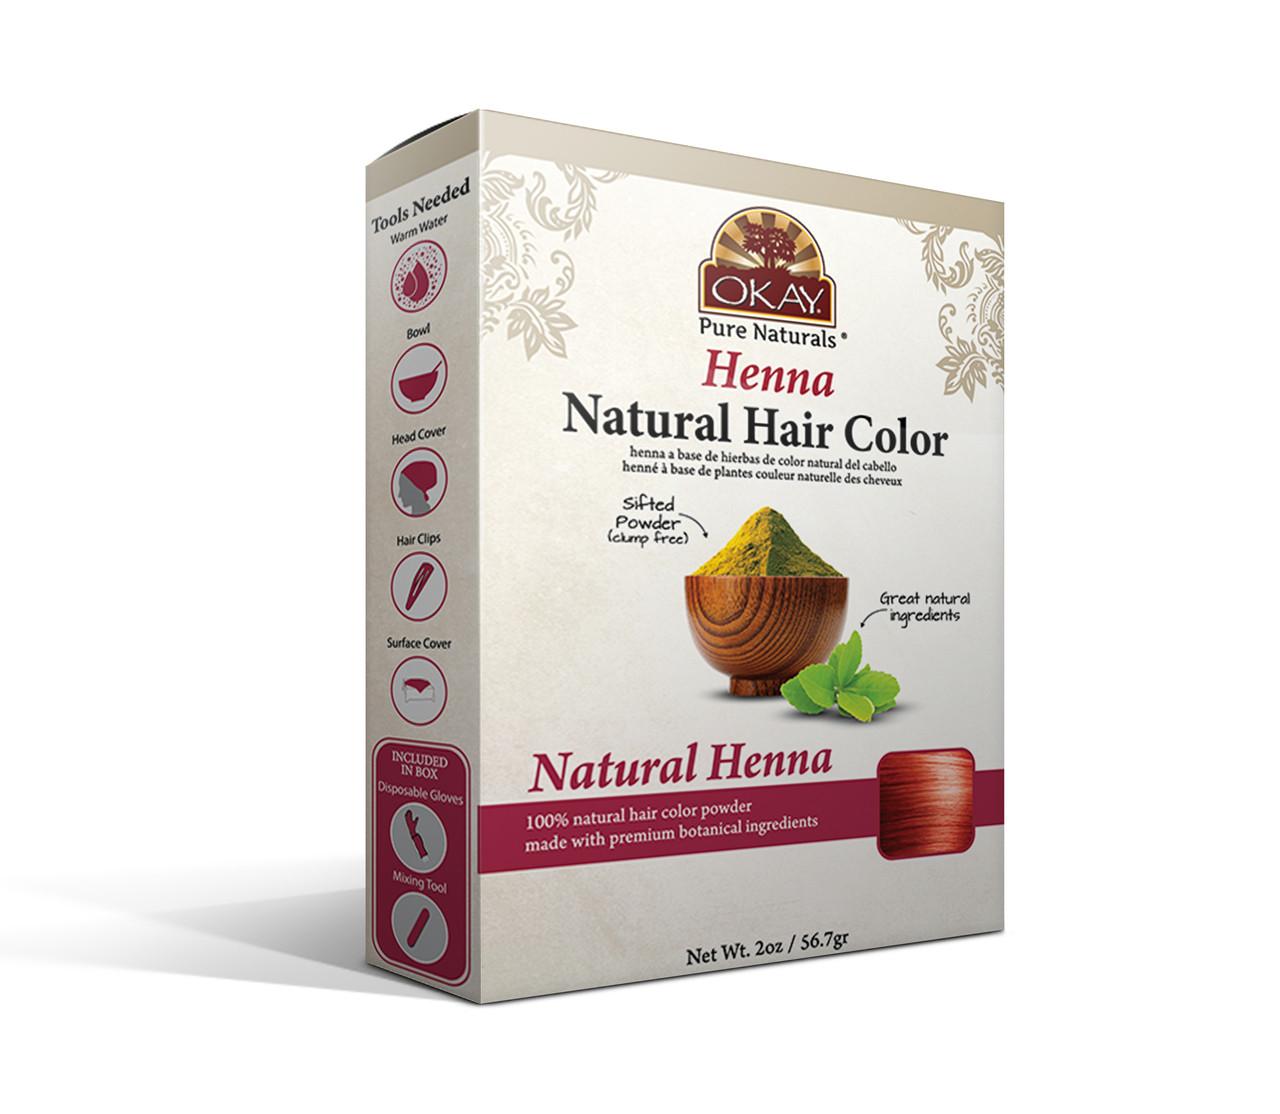 Herbal Henna Hair Color Natural Henna Natural Hair Coloring